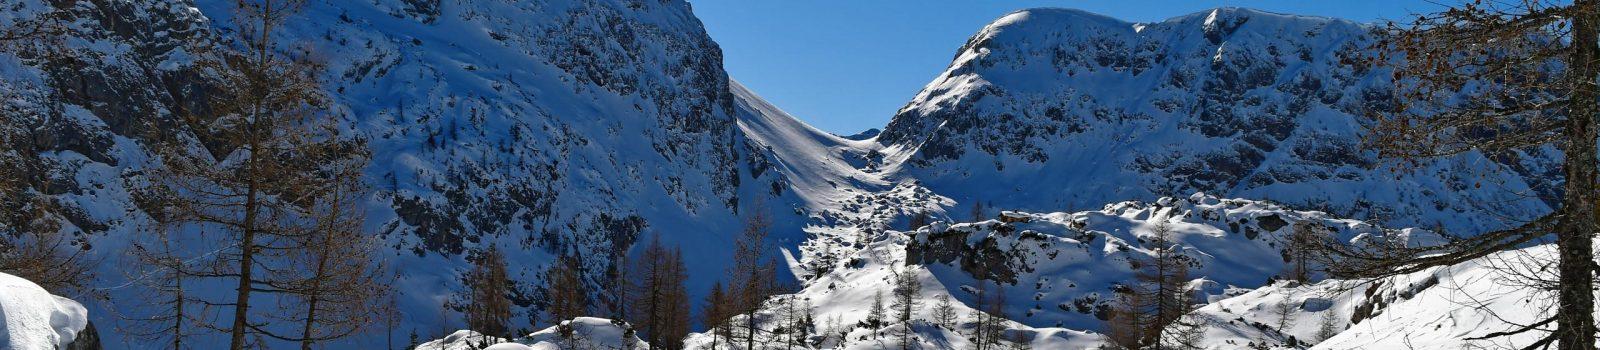 Skitour auf den Schneibstein in den Berchtesgadener Alpen